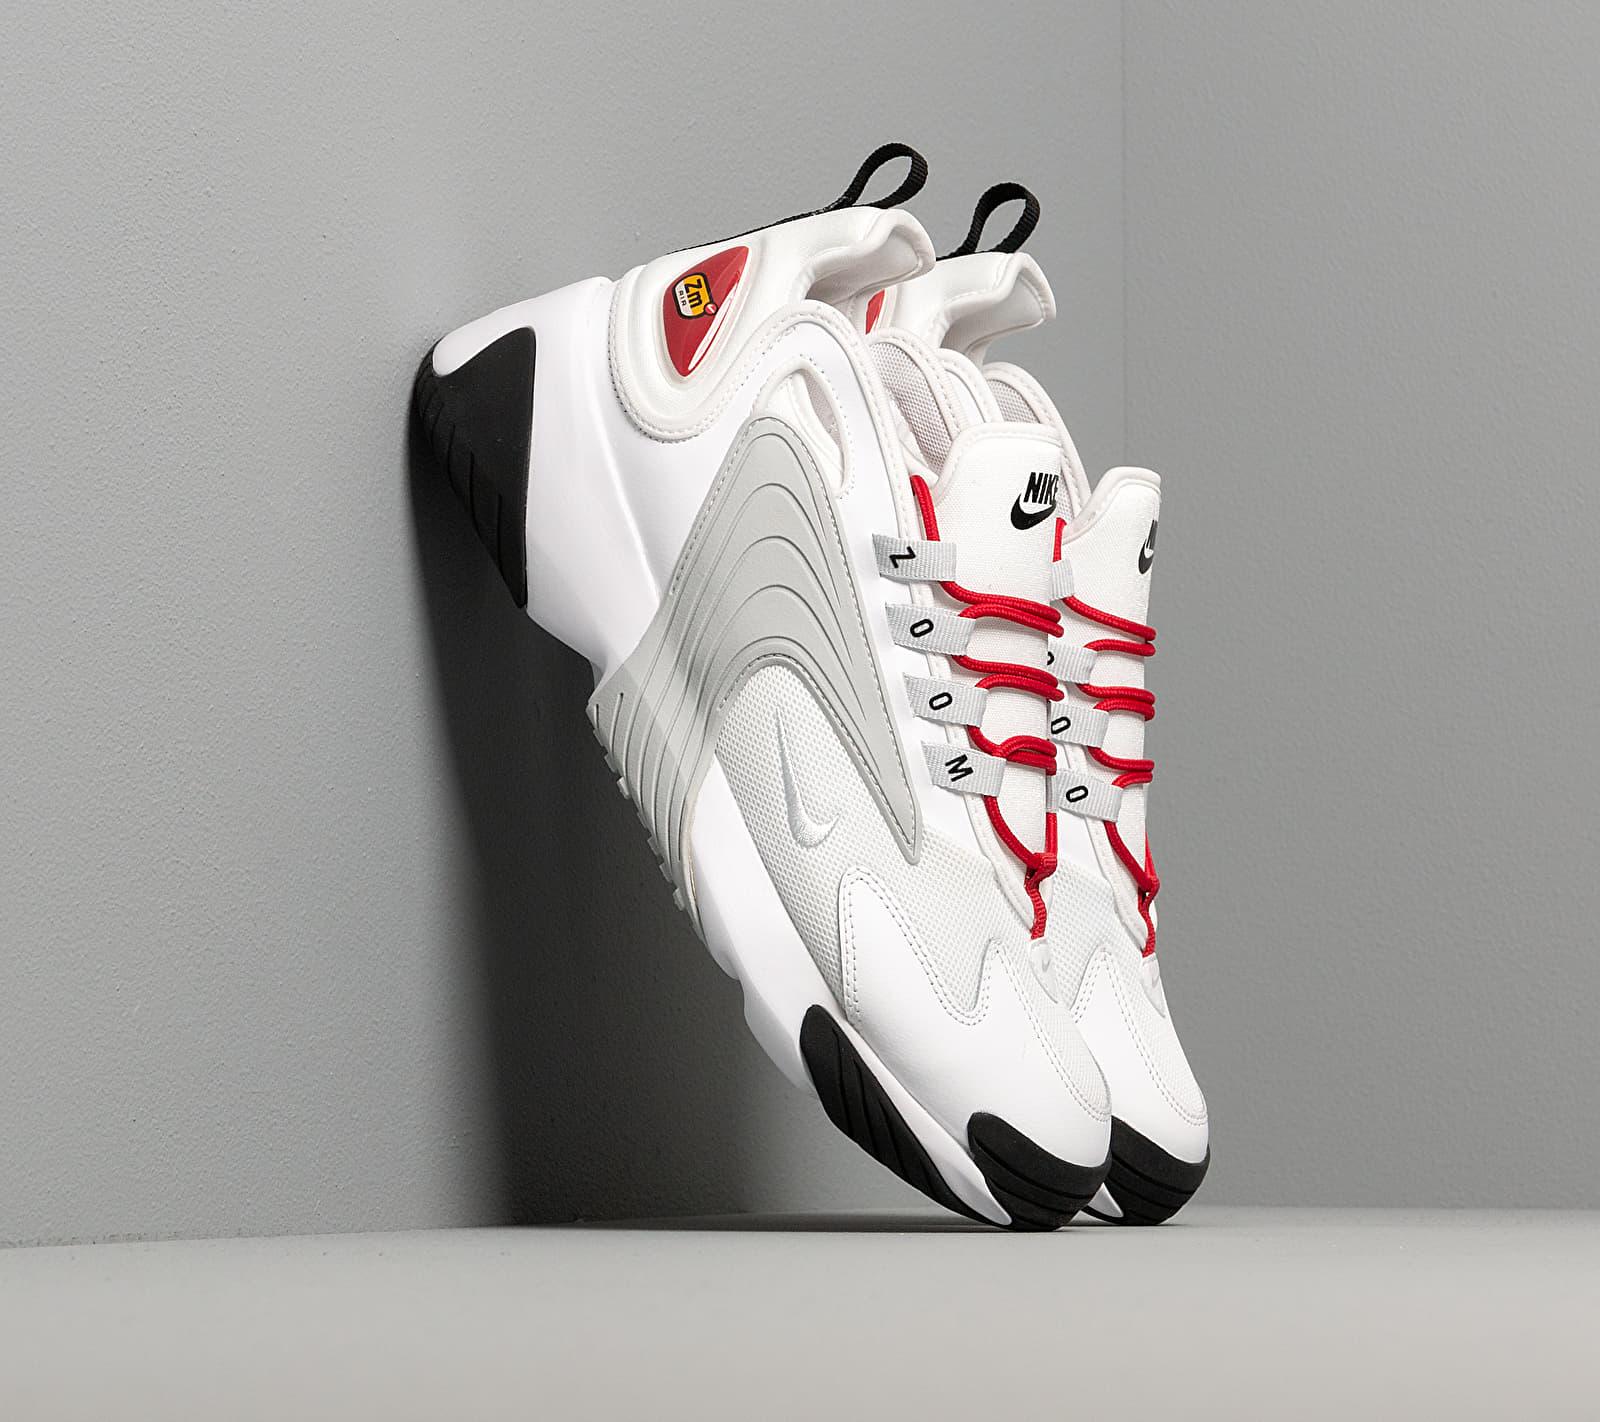 Nike Wmns Zoom 2K White/ Pure Platinum-Gym Red-Black EUR 41